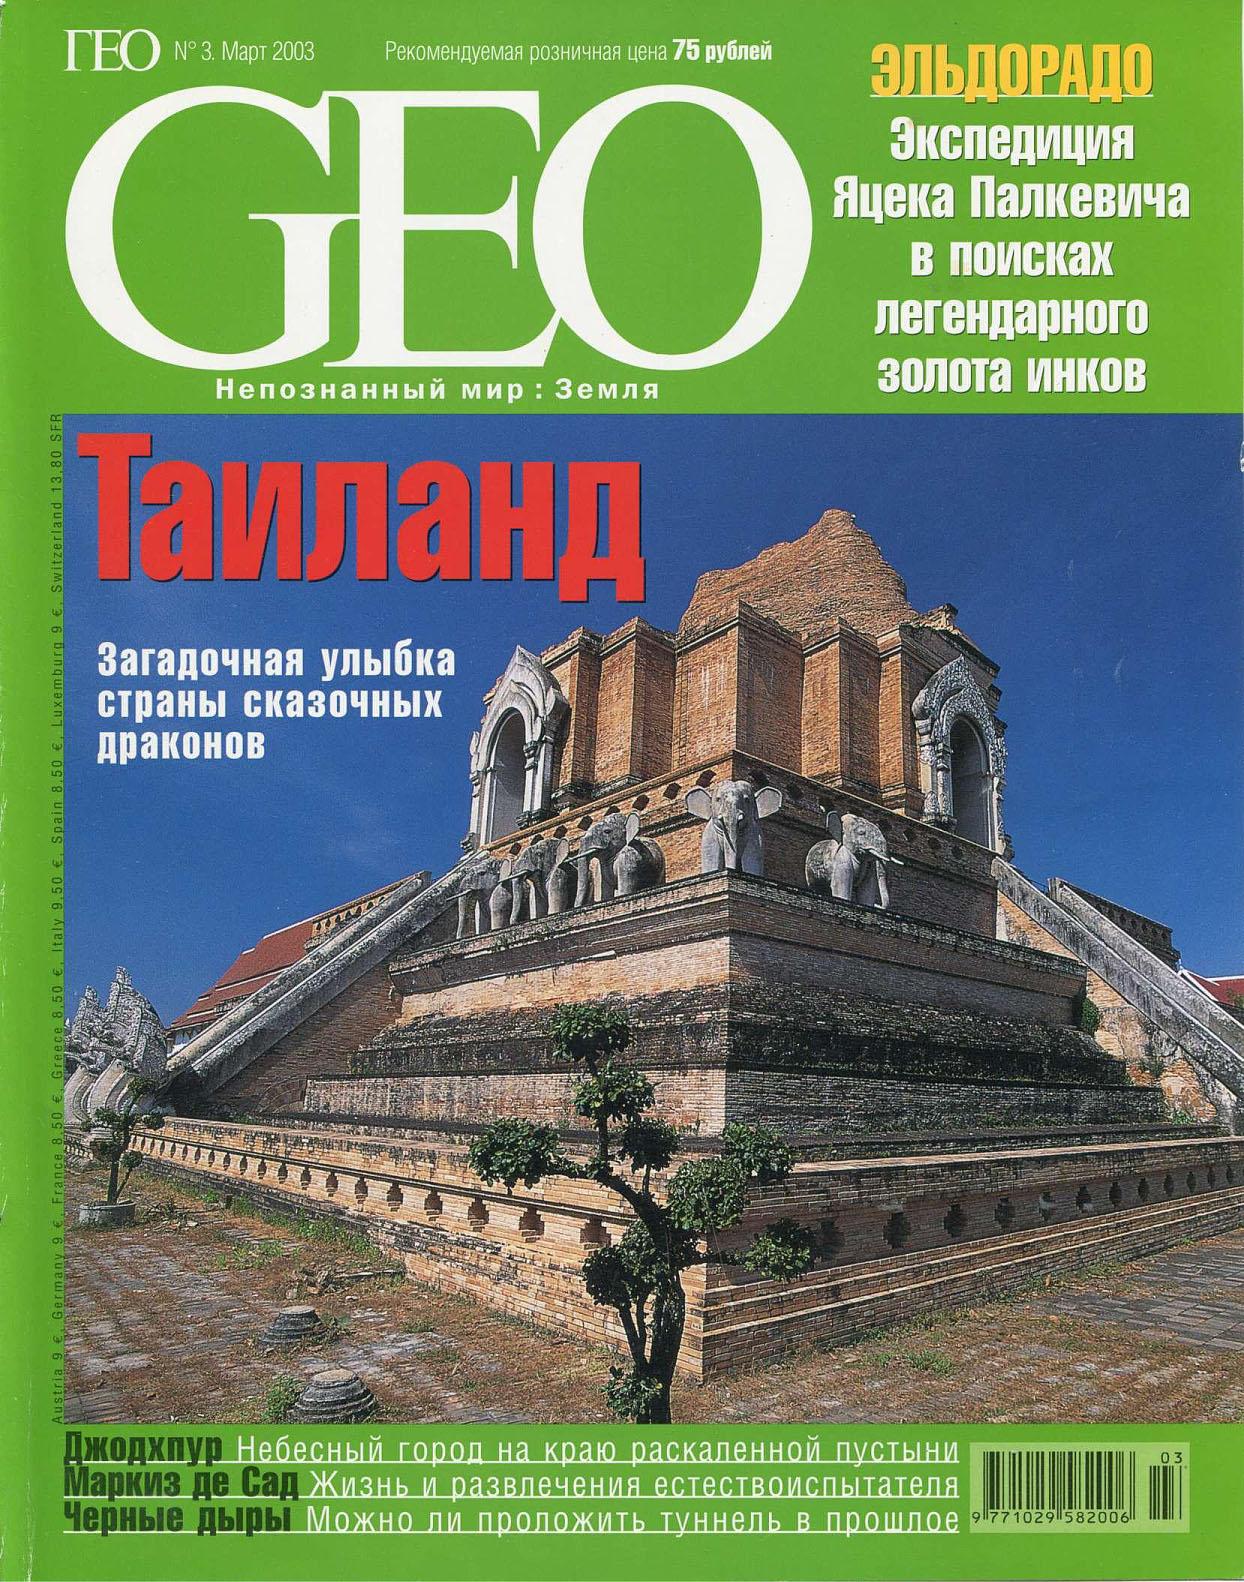 GEO-Rus_2003-03_01.jpg